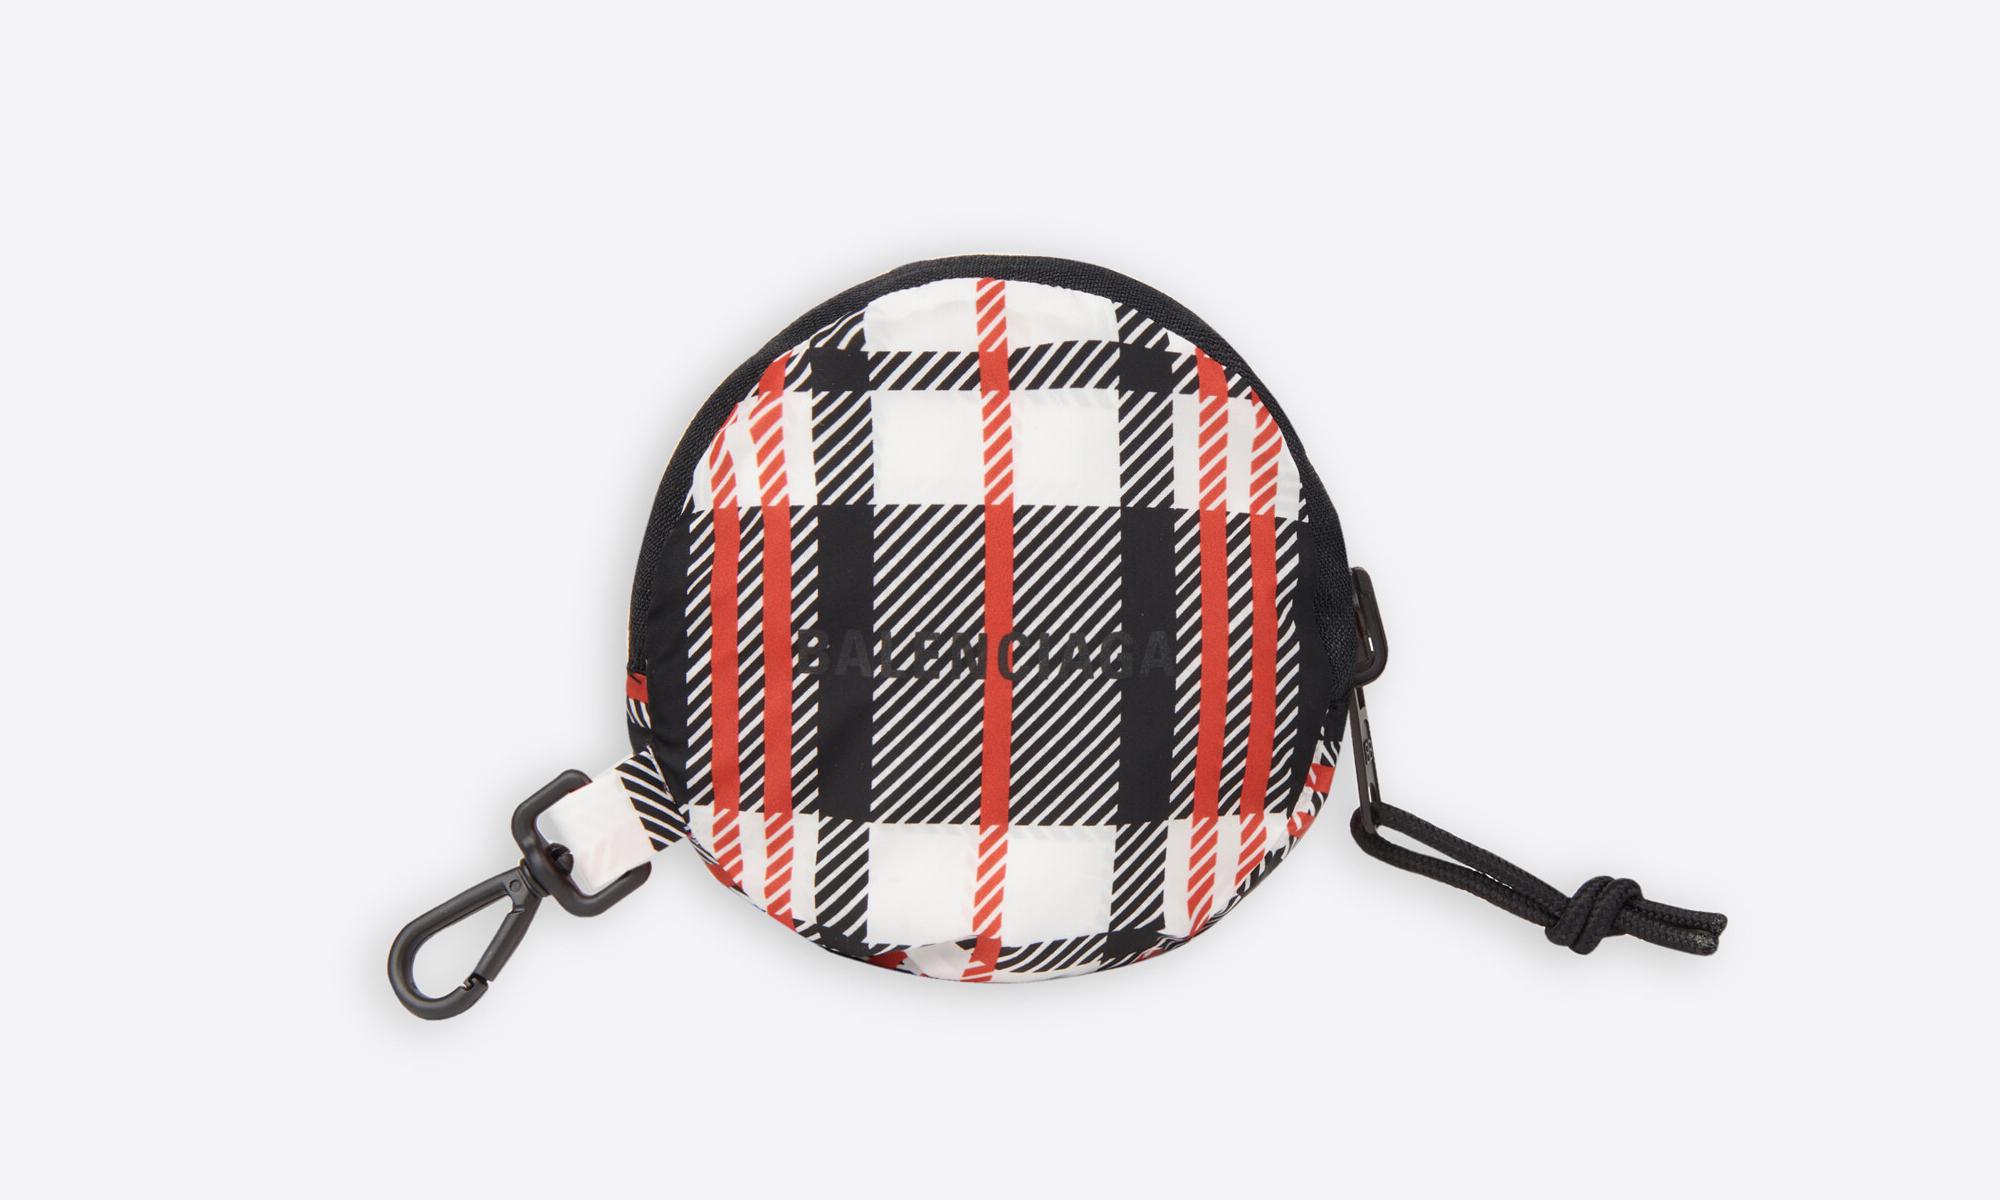 BALENCIAGA 推出可收纳购物袋